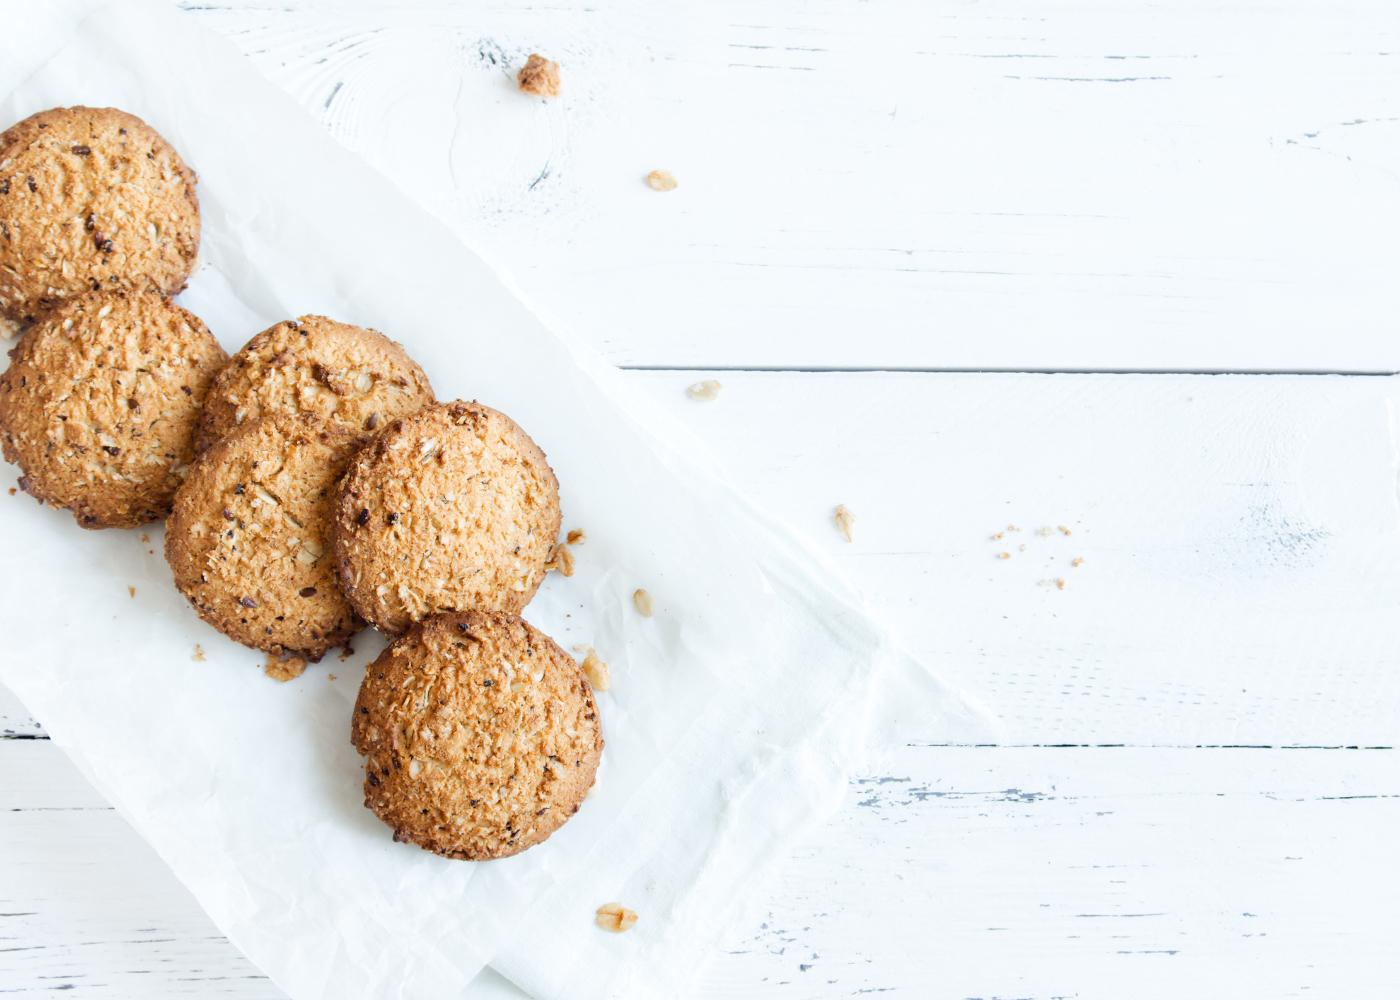 colite e alimentacao biscoitos em travessa